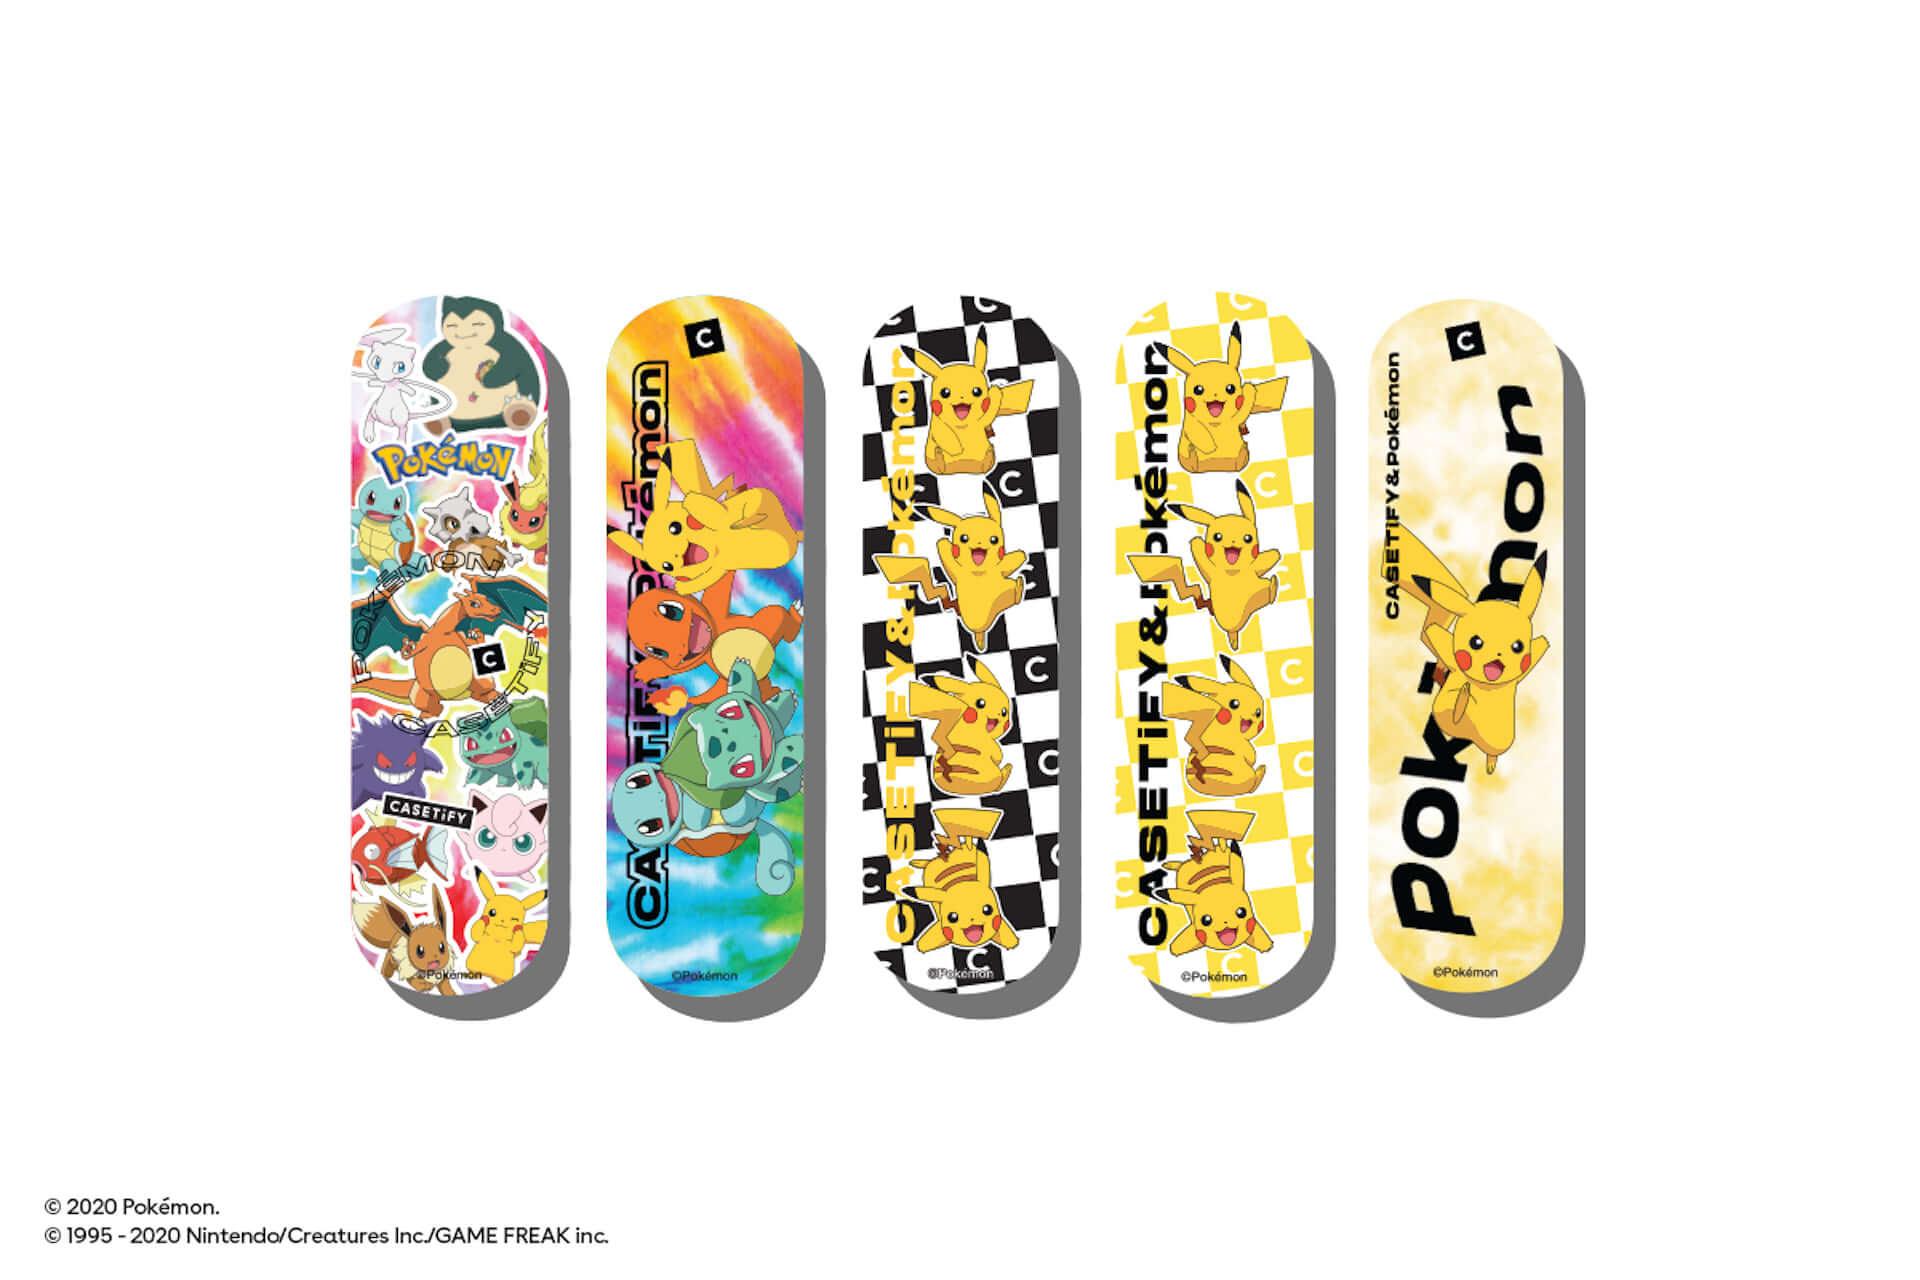 CASETiFYとポケモンの再タッグが実現!新コレクション第1弾にiPhoneケース、ワイヤレスチャージャー等が発売決定 tech200727_casetify-pokemon_16-1920x1280